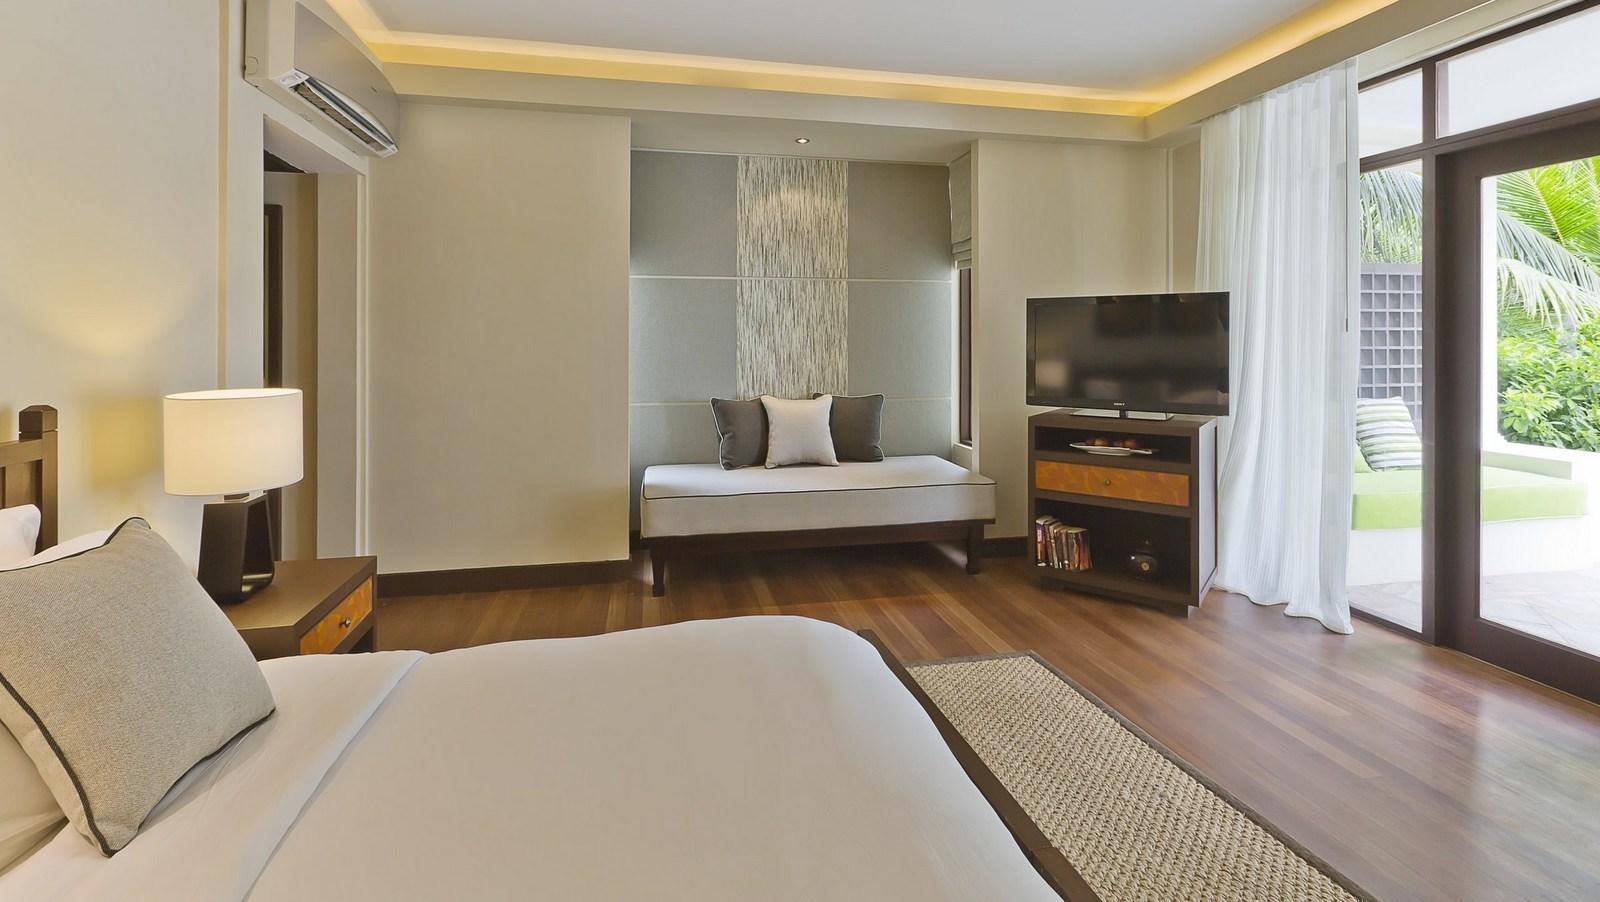 Мальдивы, отель Kurumba Maldives, номер Superior Room